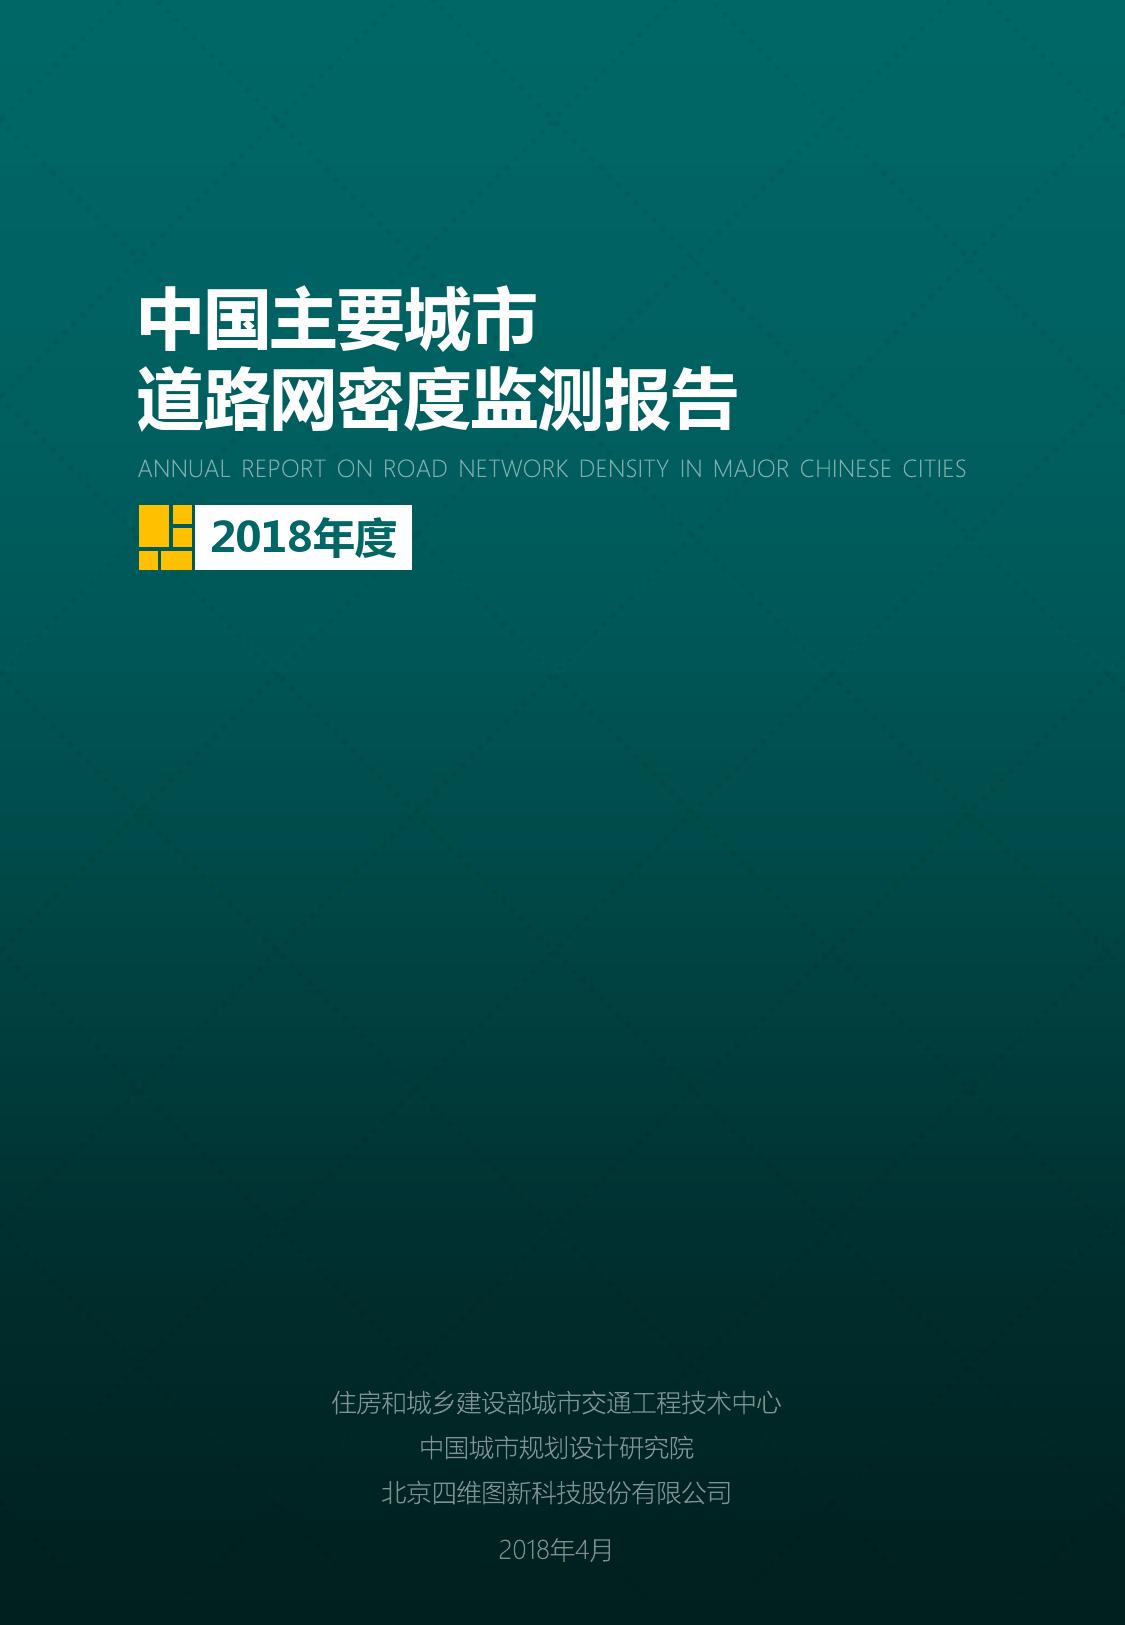 中规院交通院:中国主要城市道路网密度监测报告(附下载)